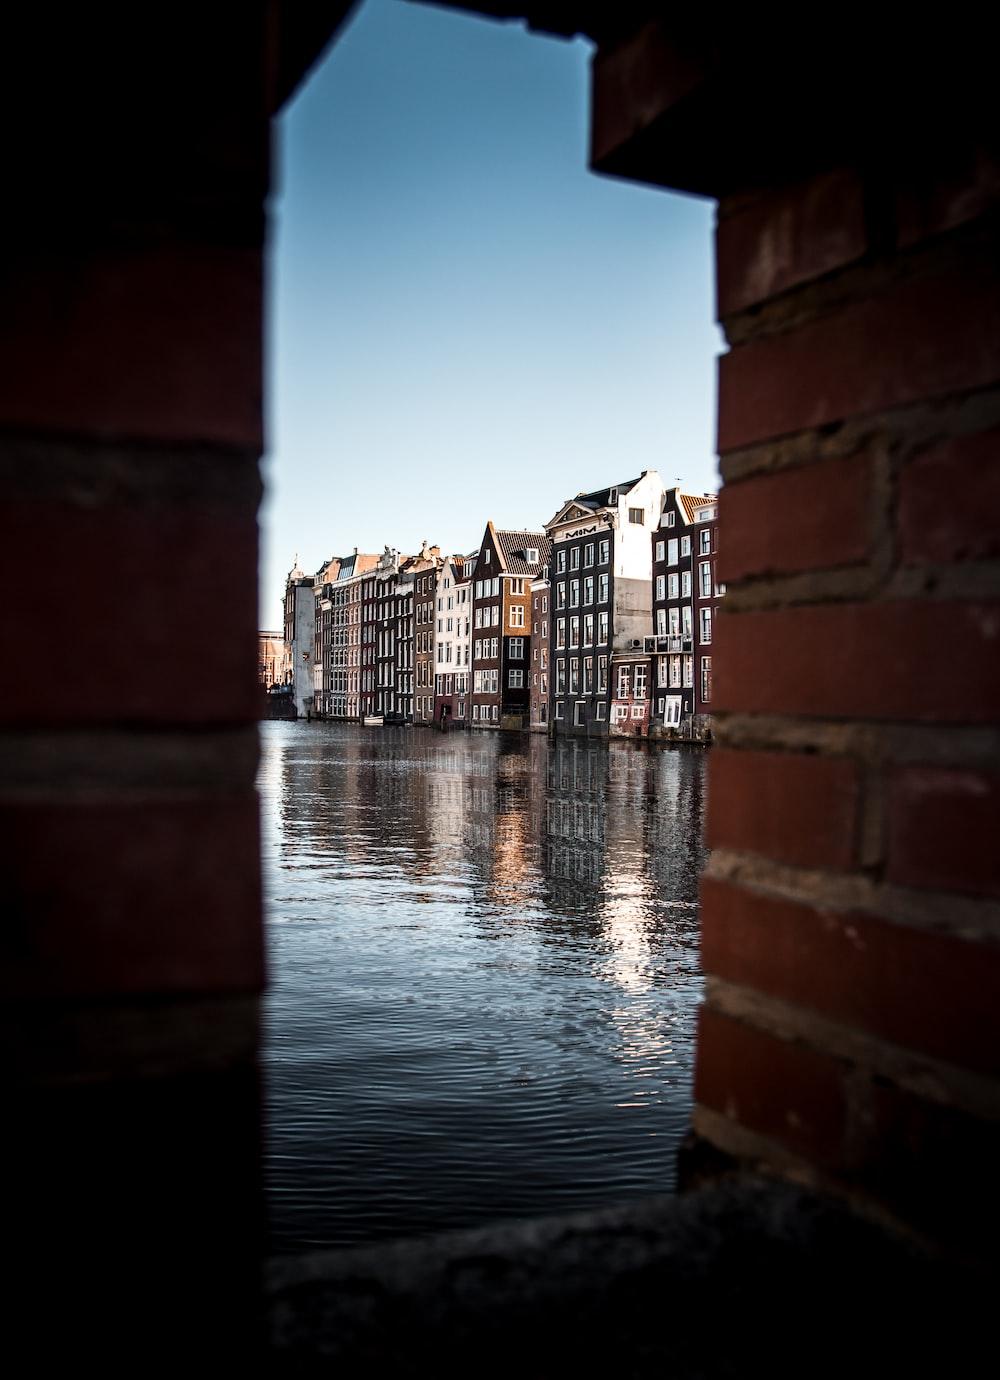 buildings near body of water